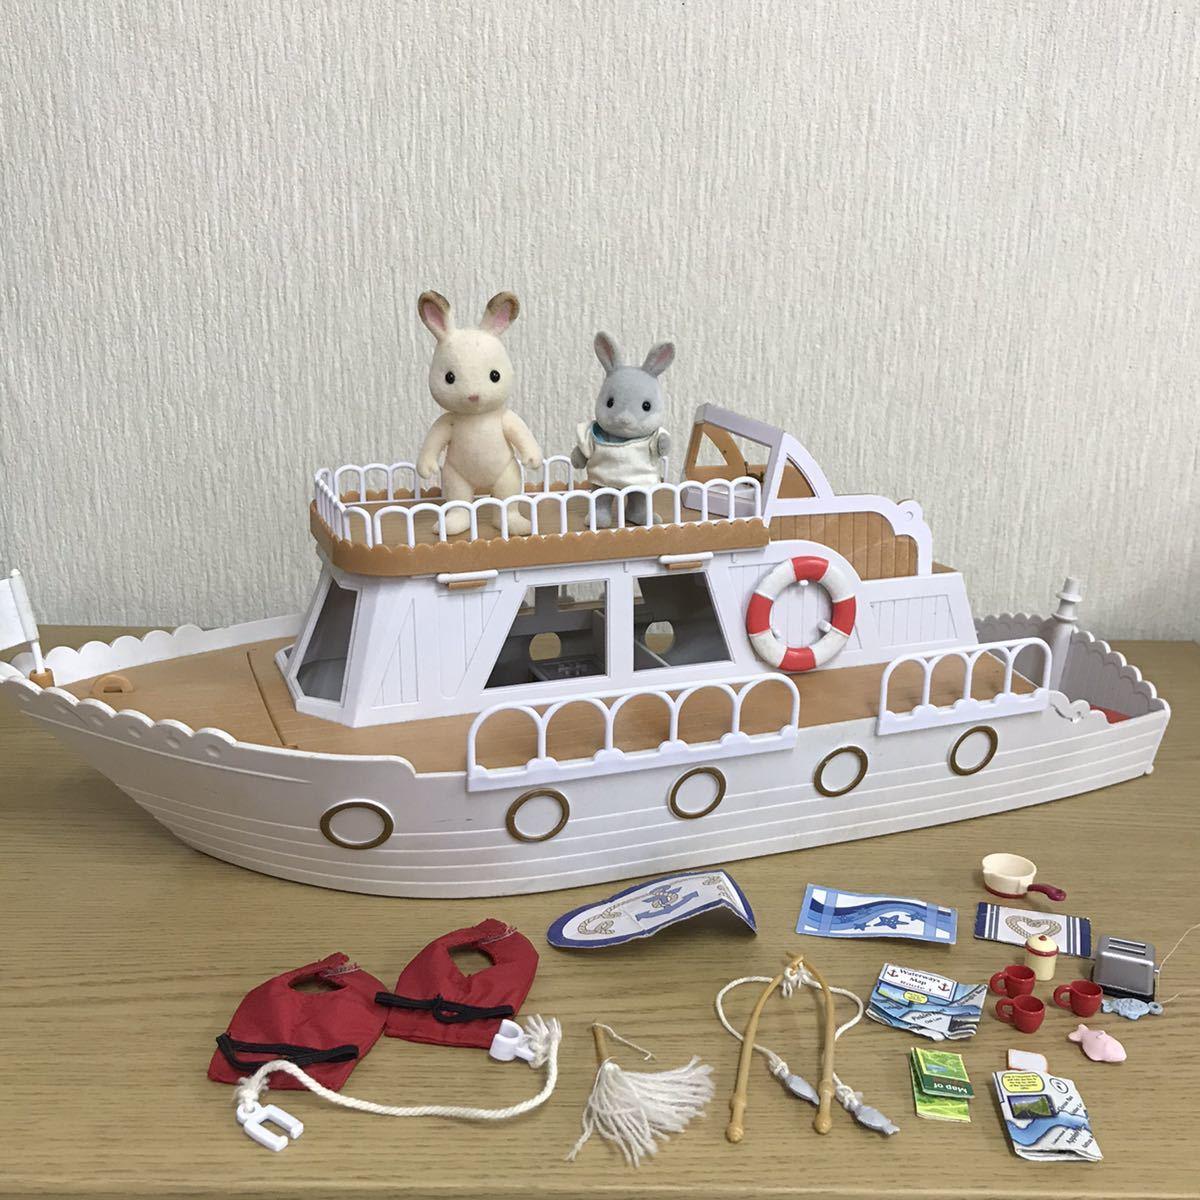 シルバニアファミリー プレジャーボート UK 小物多数 船